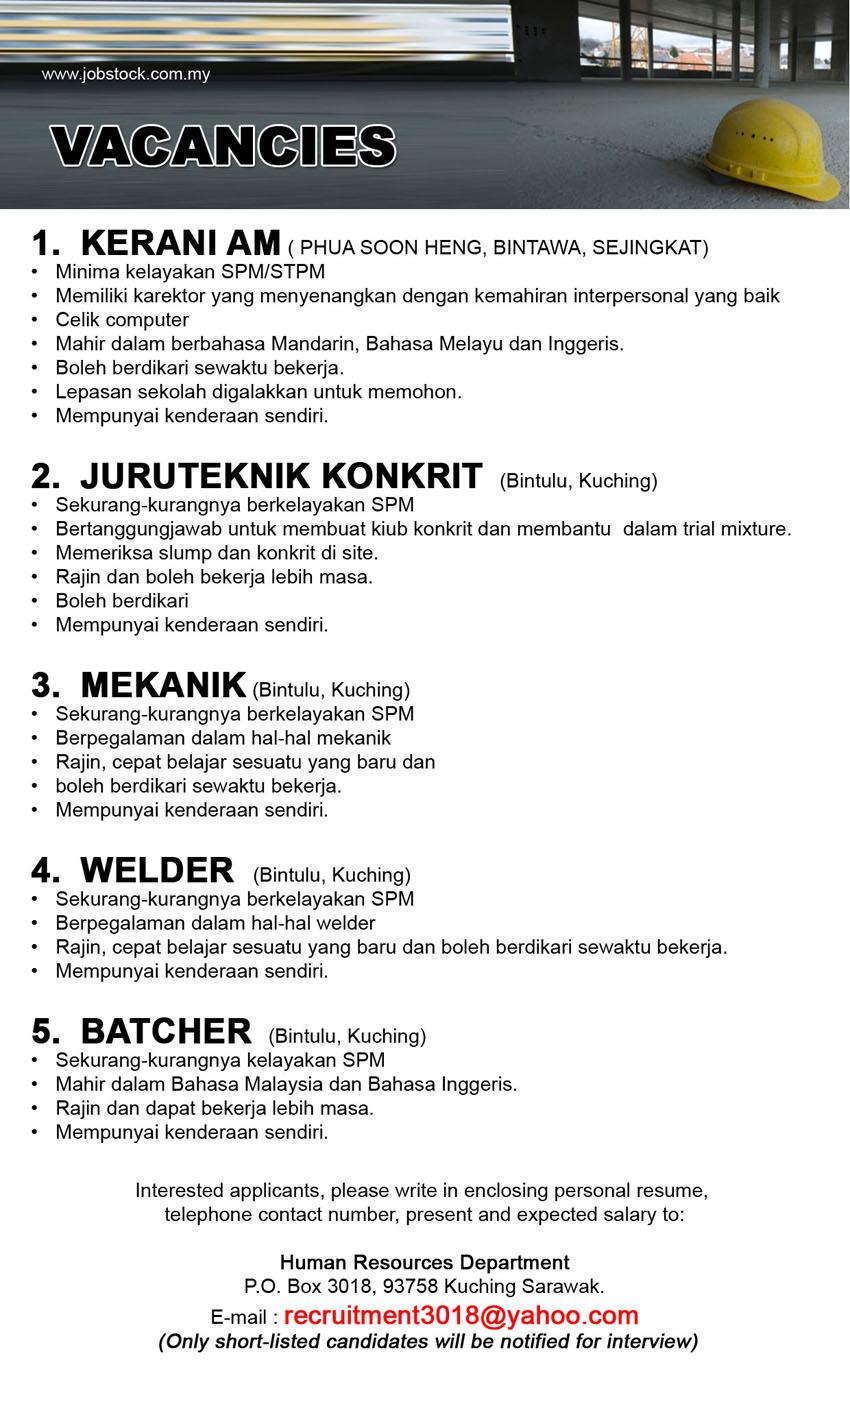 Cute Cara Membuat Resume Lepasan Stpm Images - Example Resume and ...